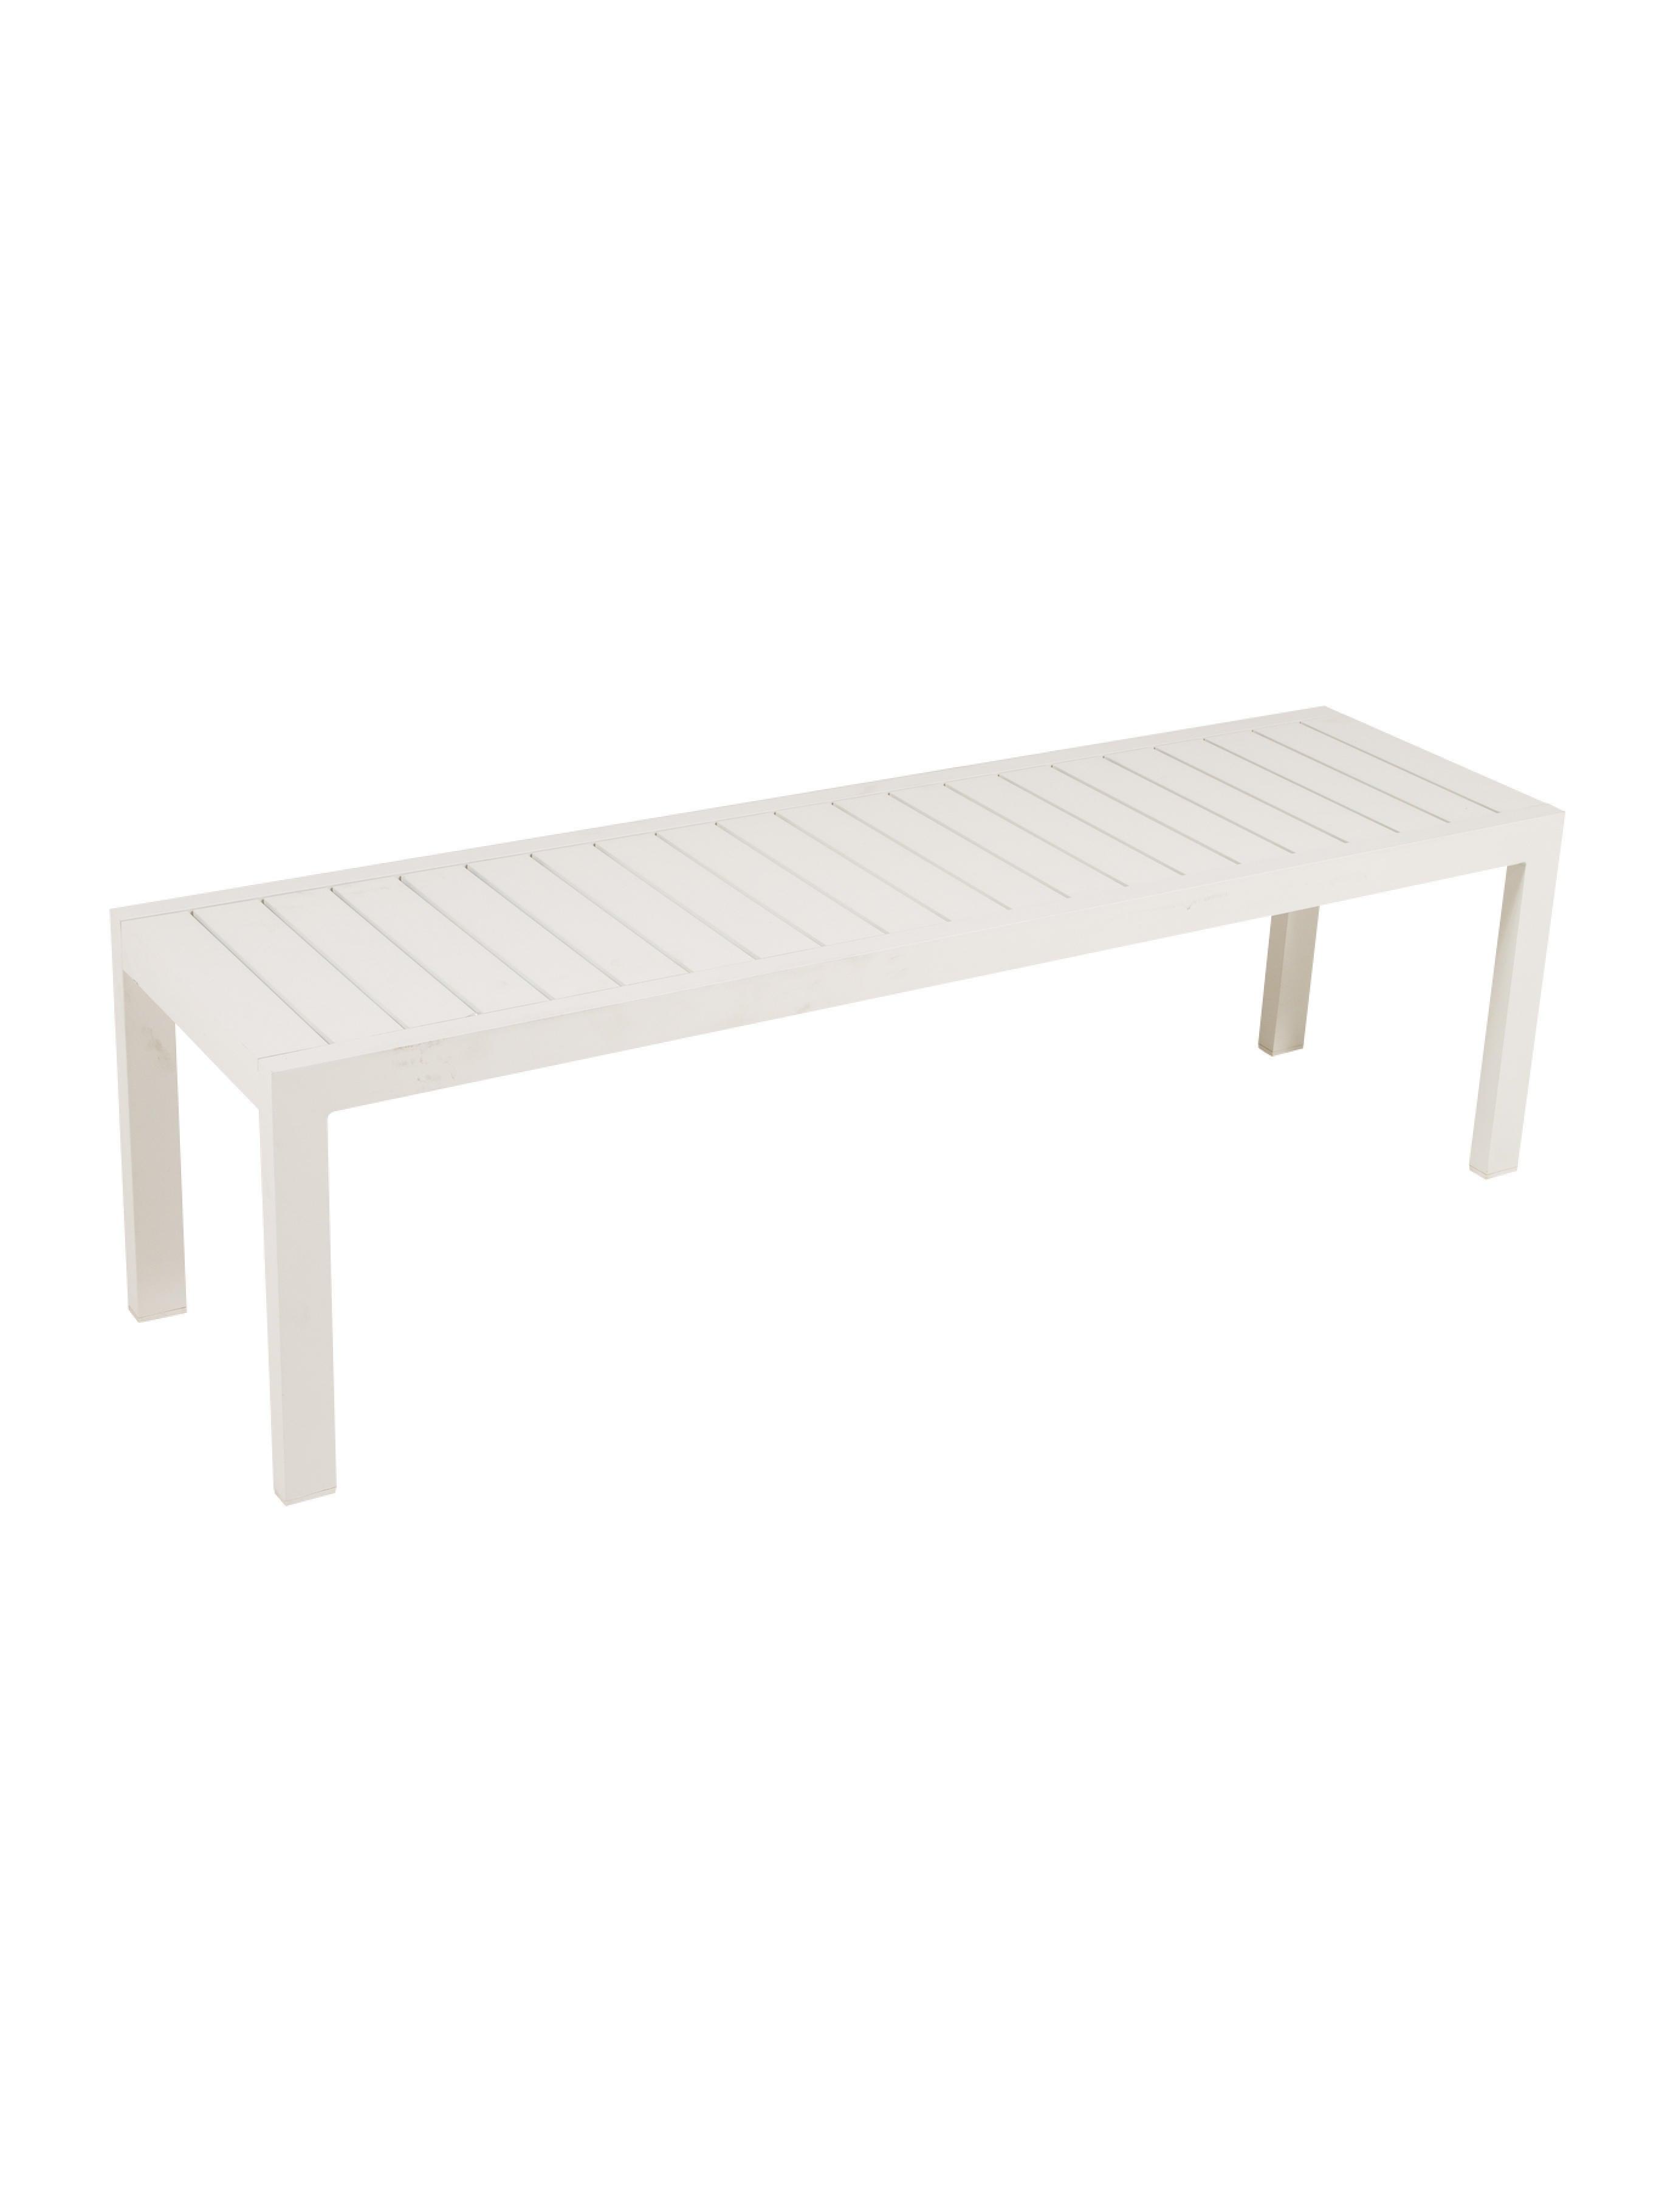 Case Eos Bench